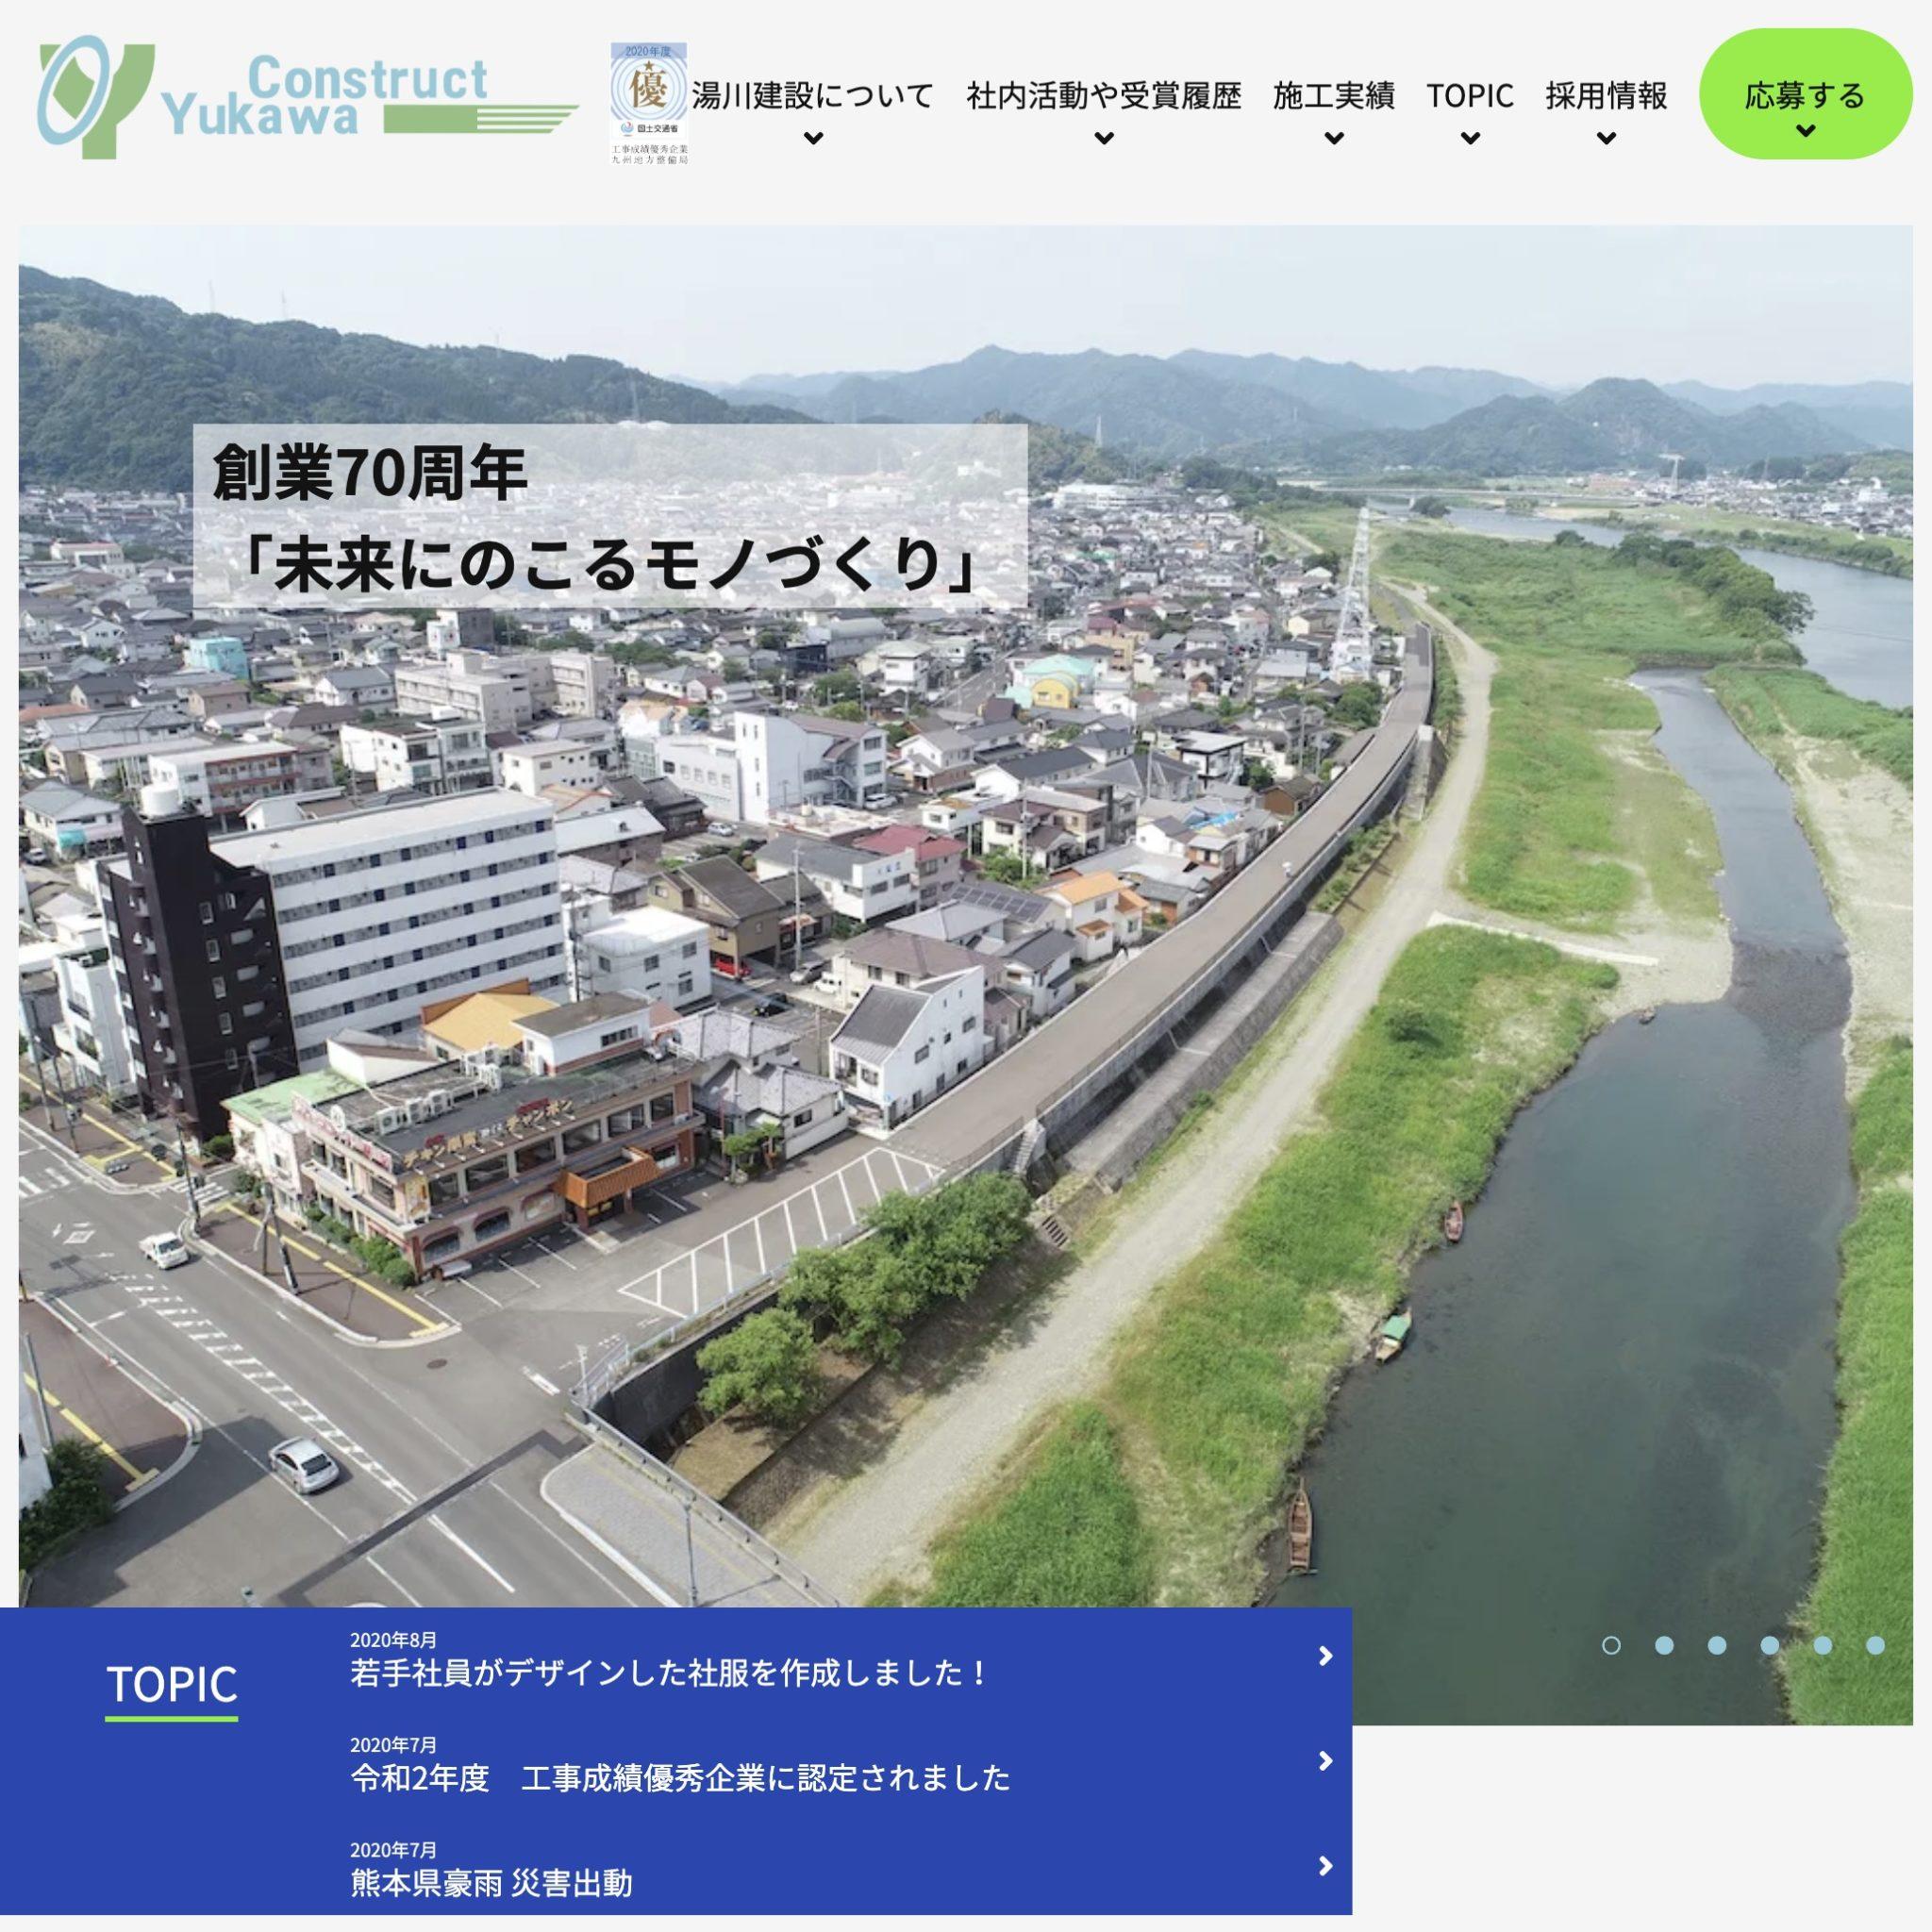 湯川建設株式会社ウェブサイト